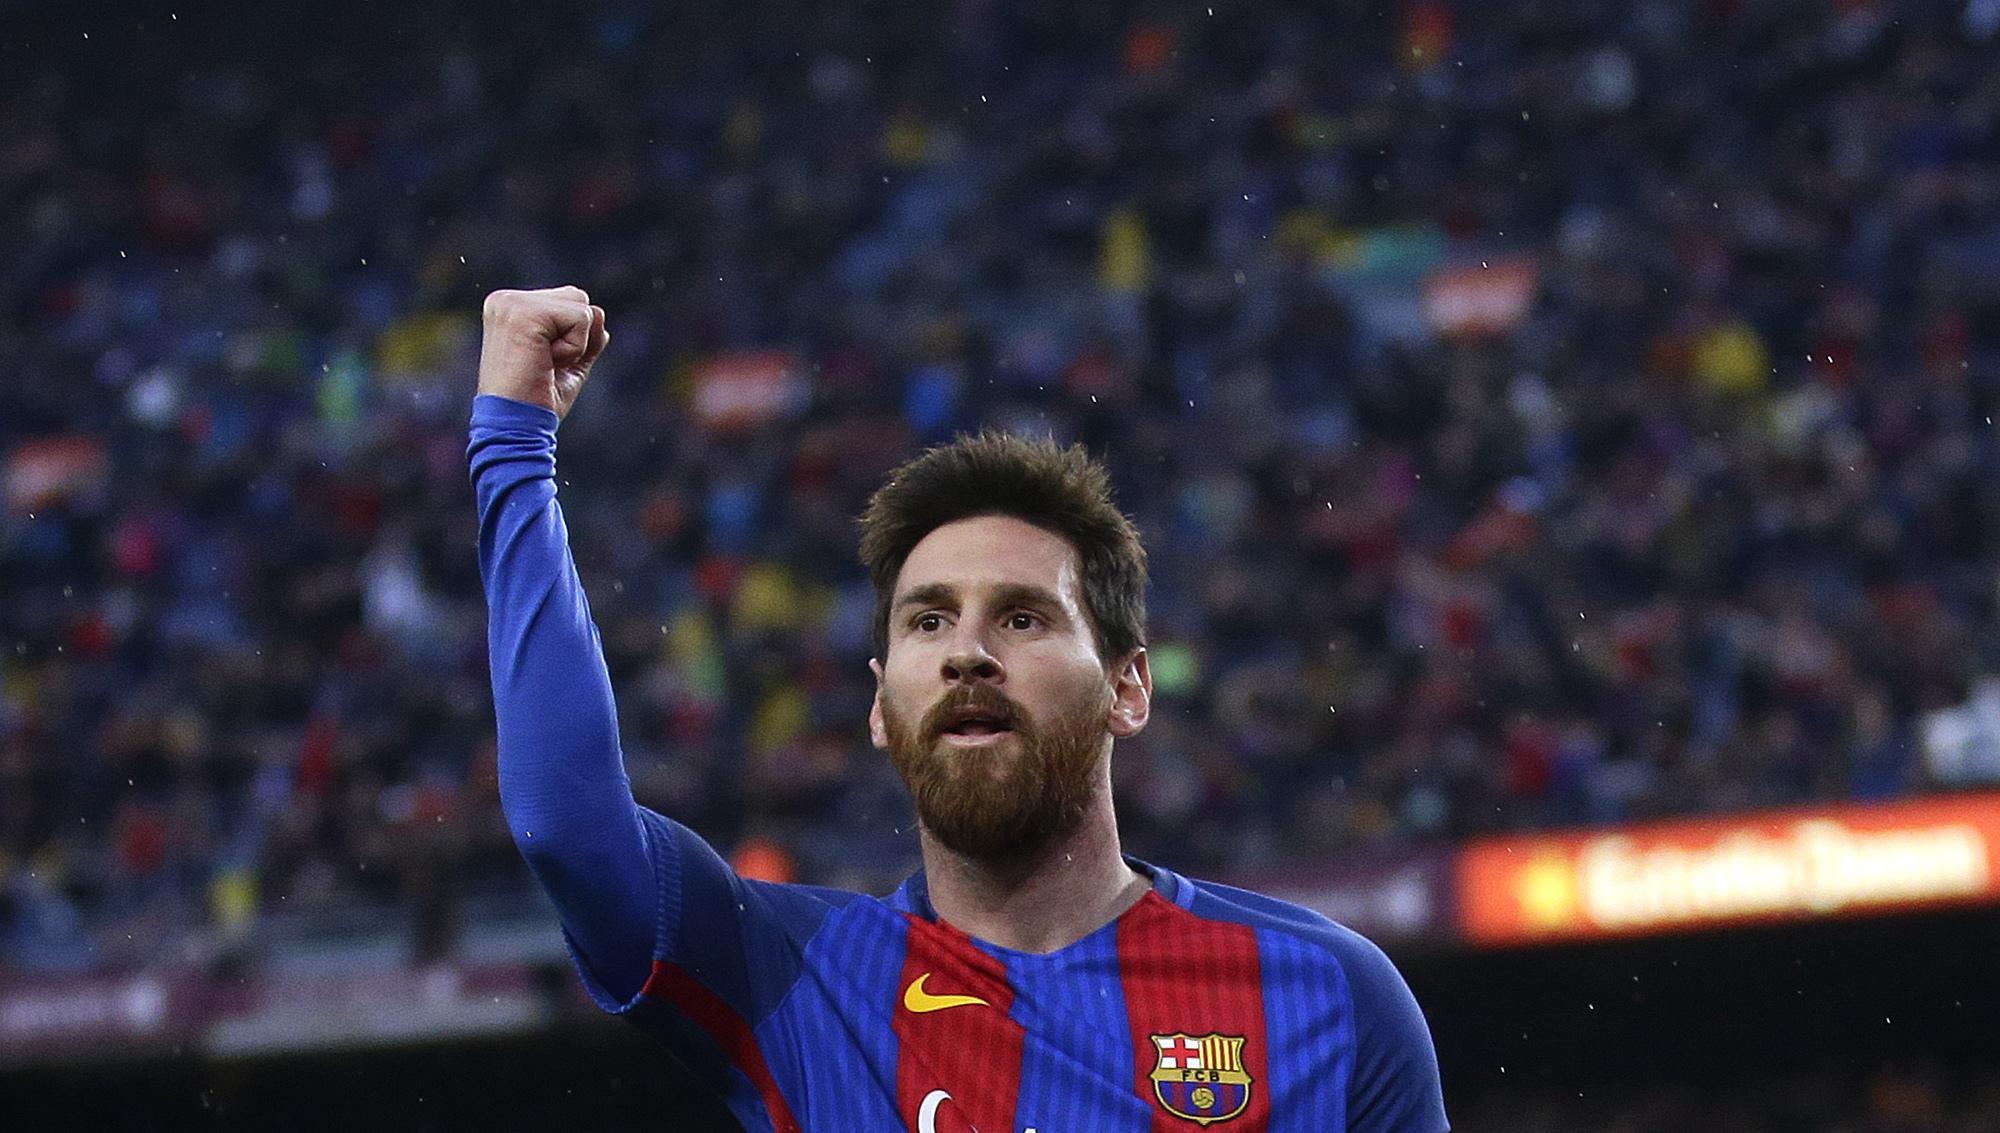 Spain_soccer_la_liga_29968